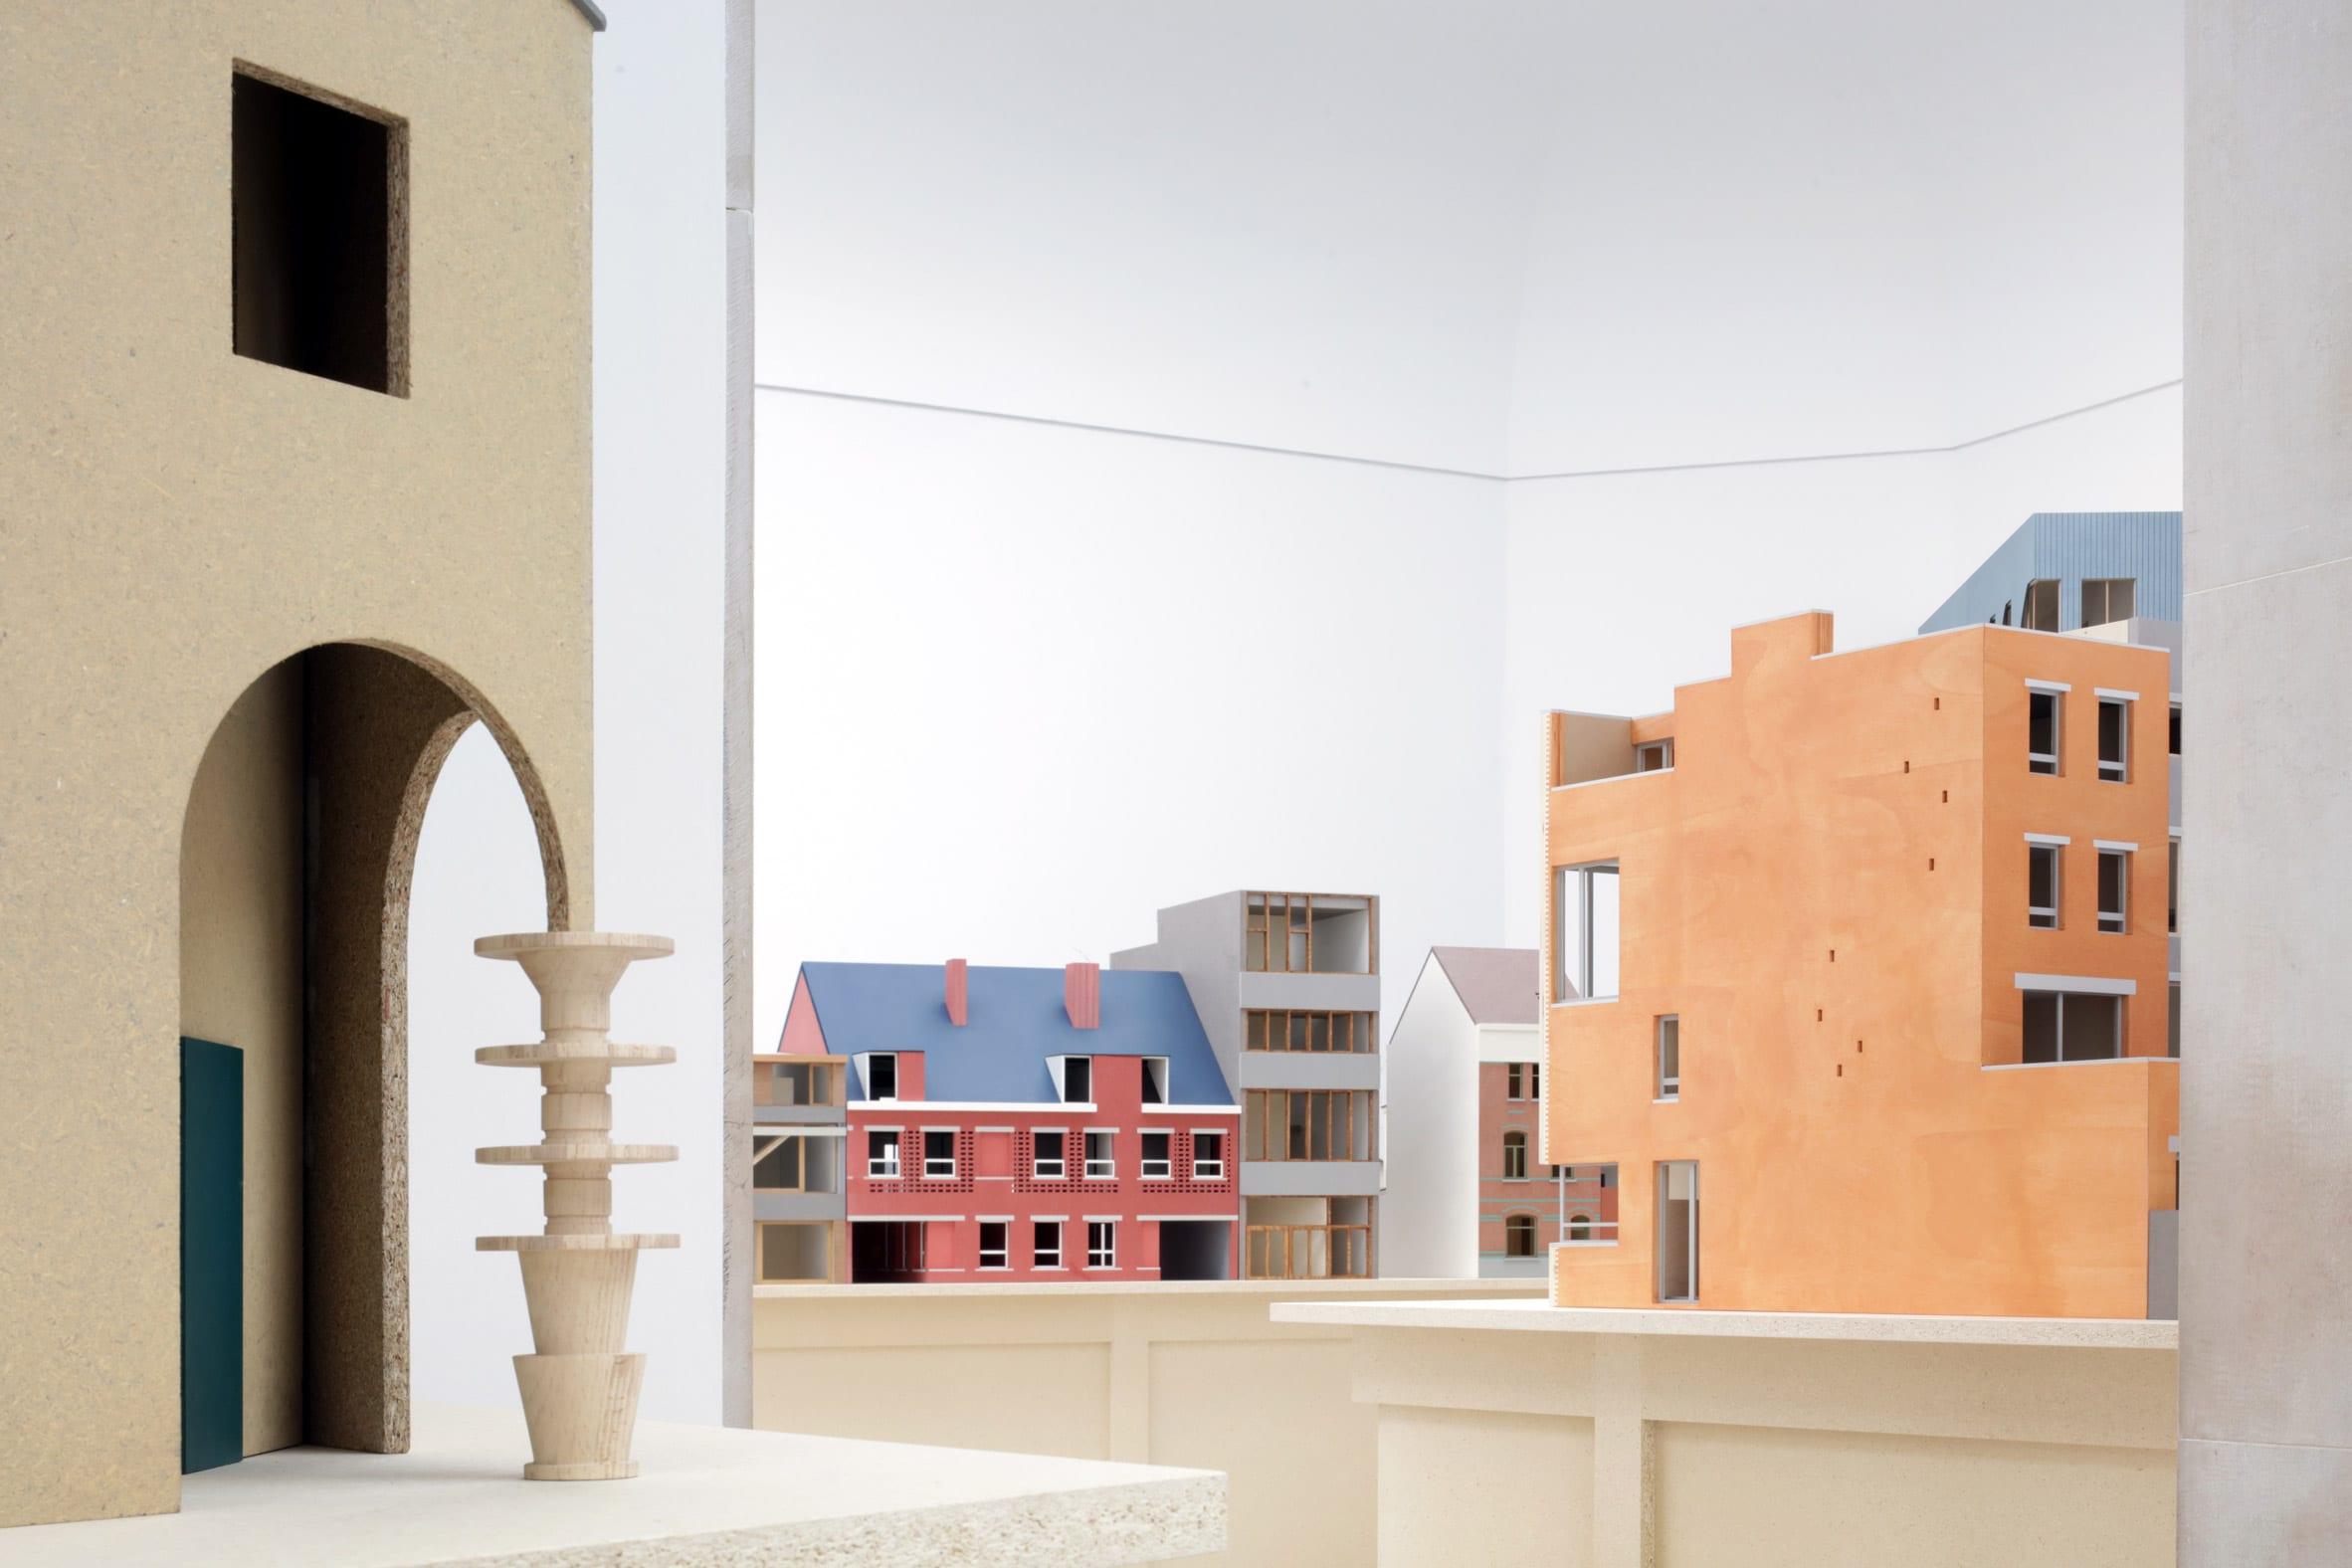 Exposición en la Bienal de Arquitectura de Venecia Venecia